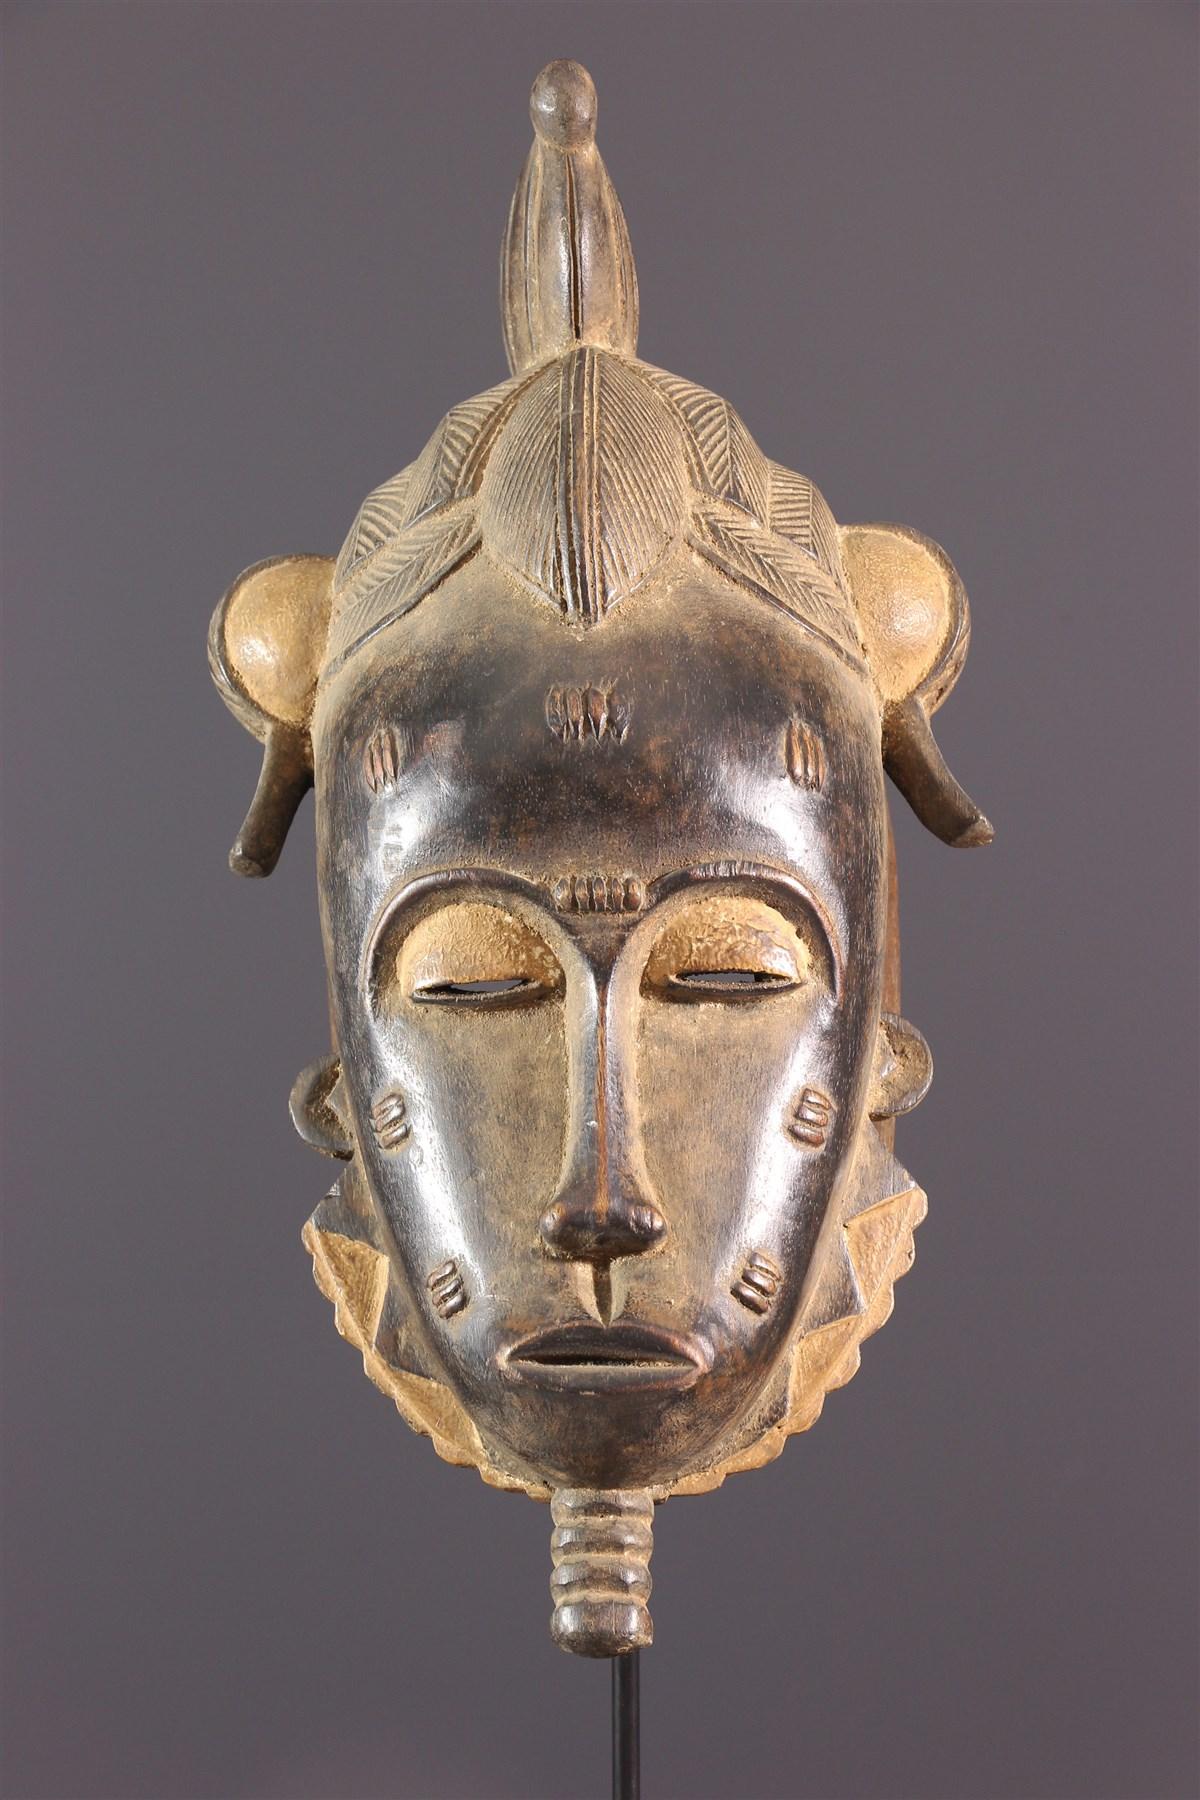 Masque Mblo Baoulé - Art africain